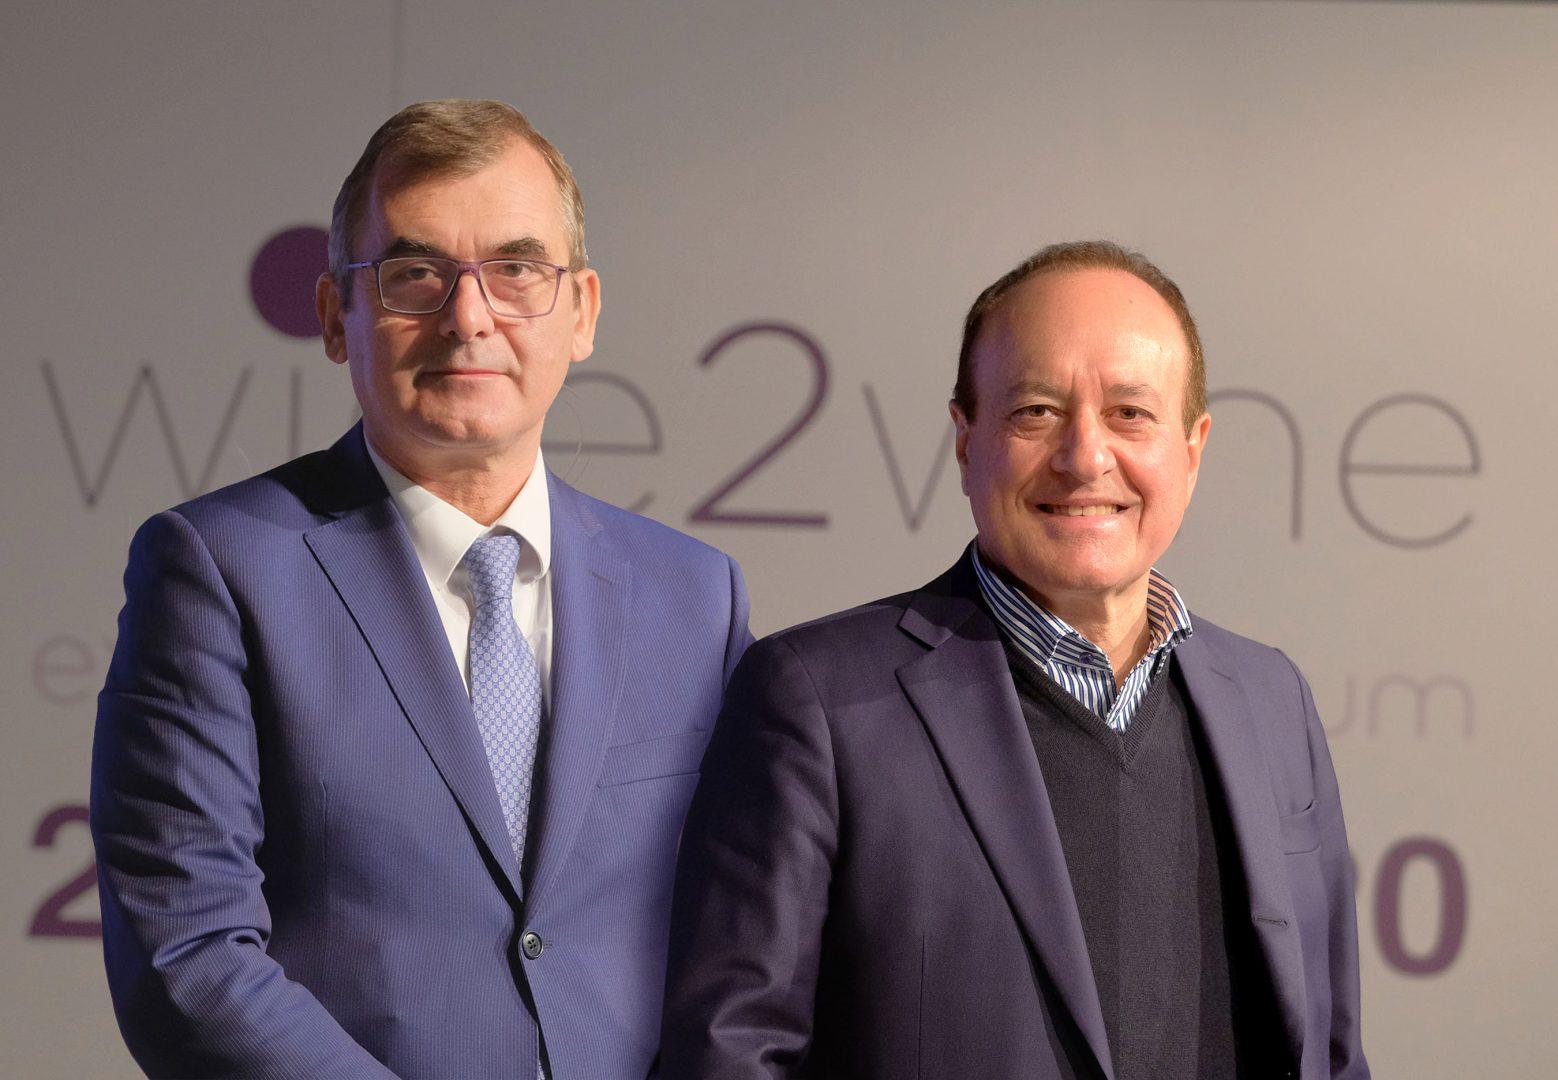 Da sinistra, il presidente Maurizio Danese e il direttore generale Giovanni Mantovani.